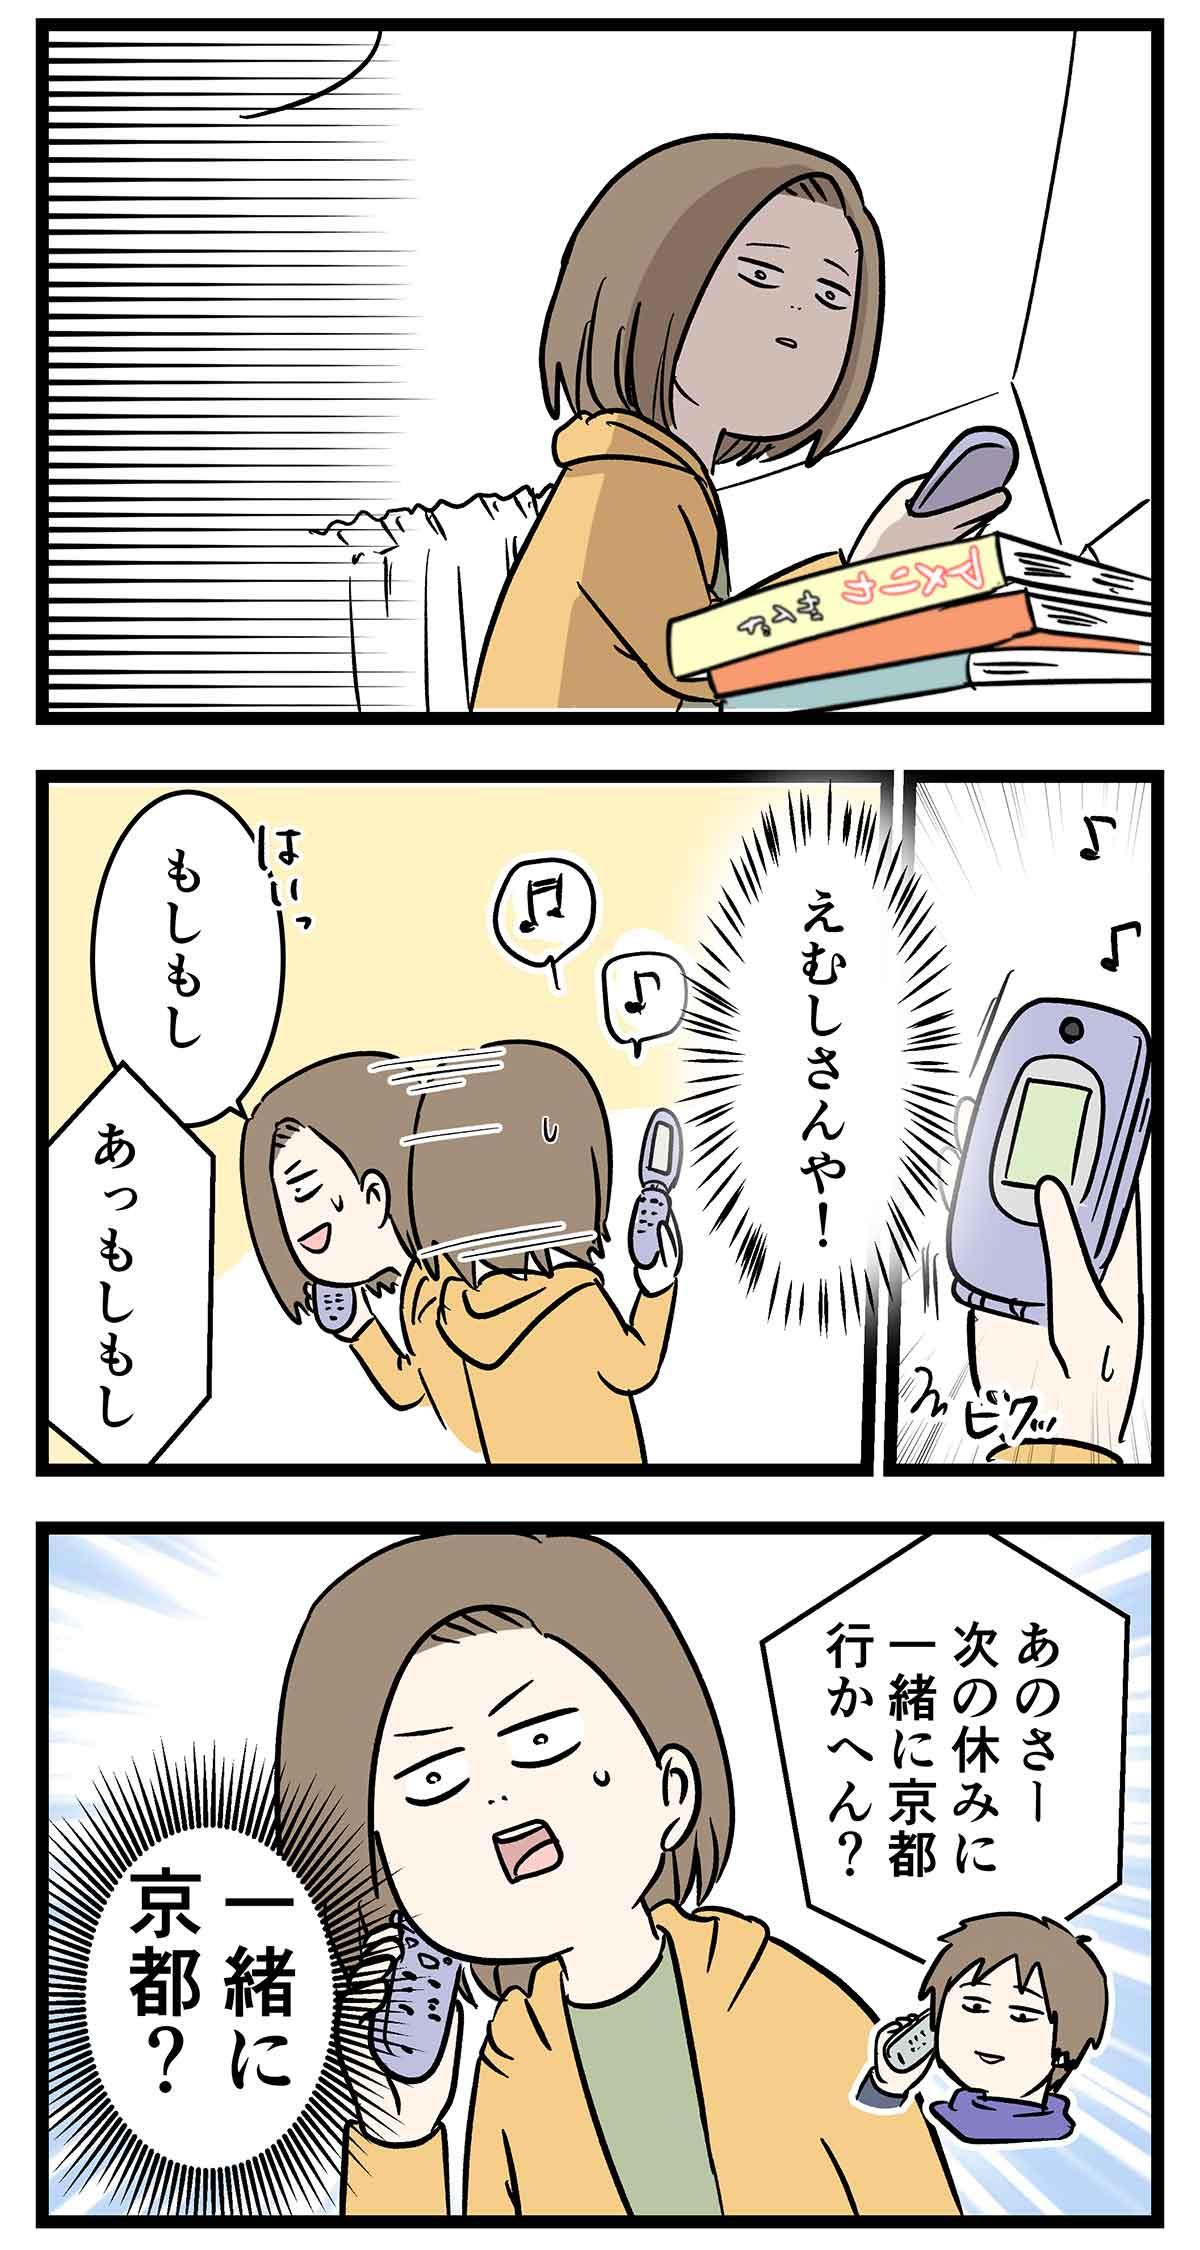 え976a